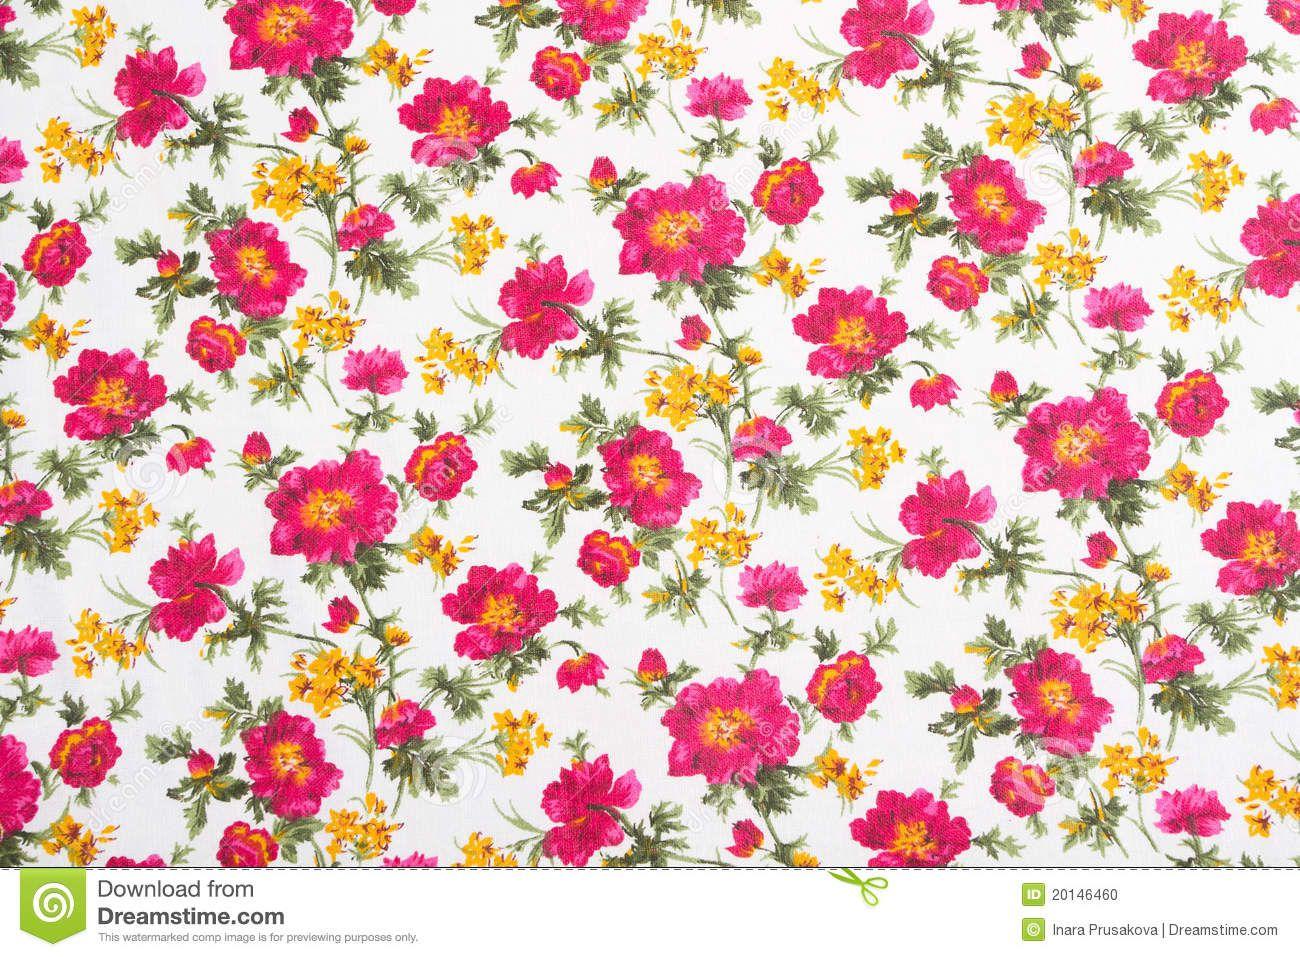 Fondo De Flores Vintage: Imagenes Vintage Flores Para Fondo De Pantalla En Hd 1 HD